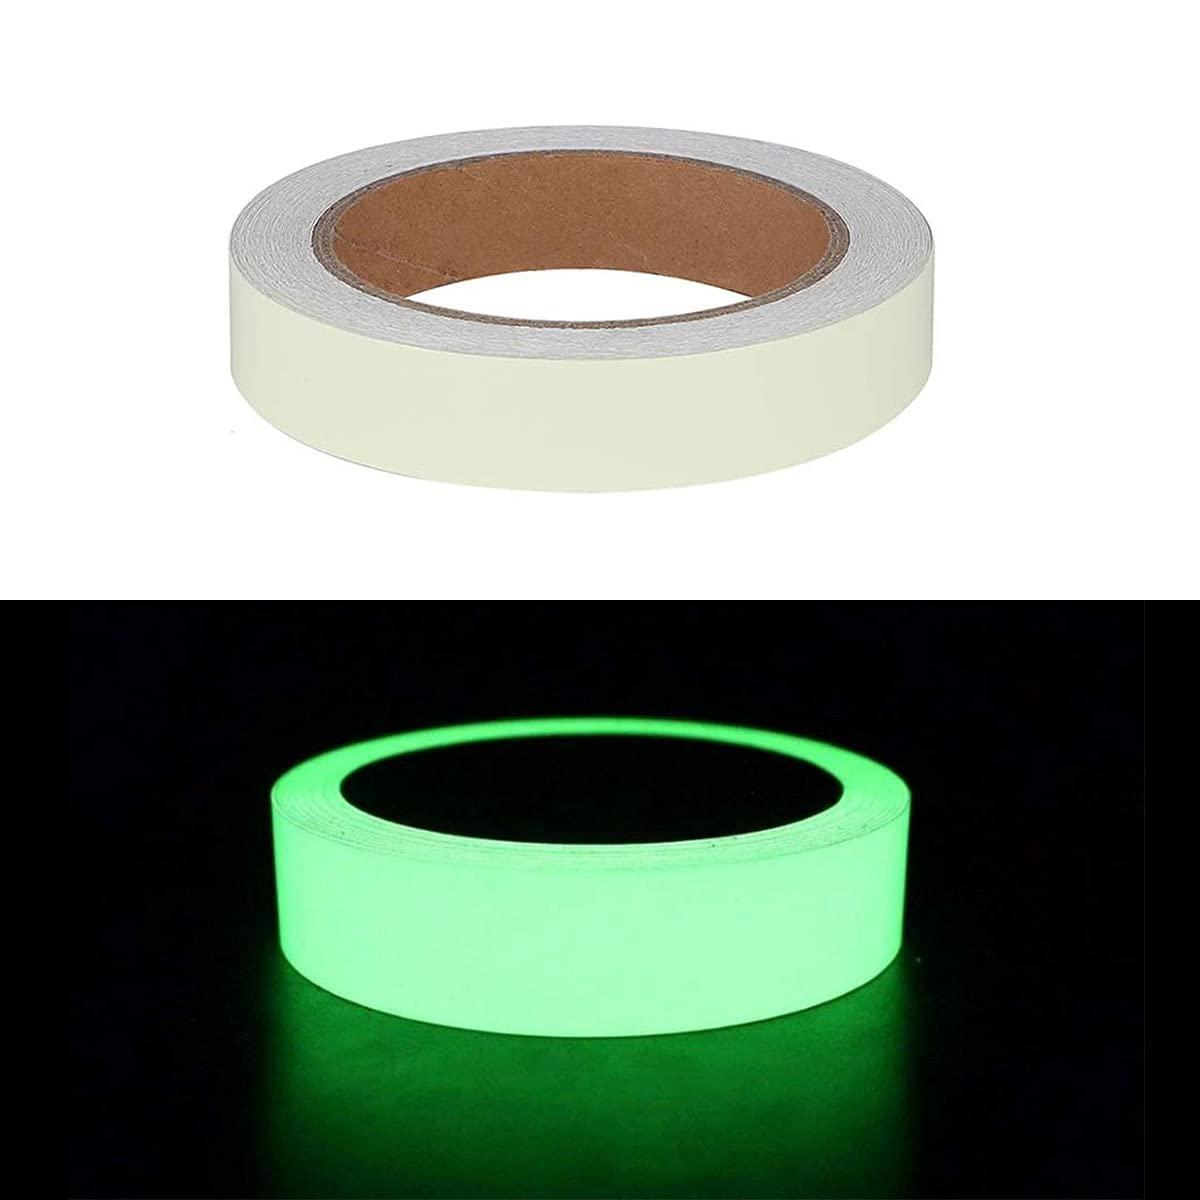 Glow in The Dark Tape, 33 ft x 0.6 inch, High Luminance Photolum